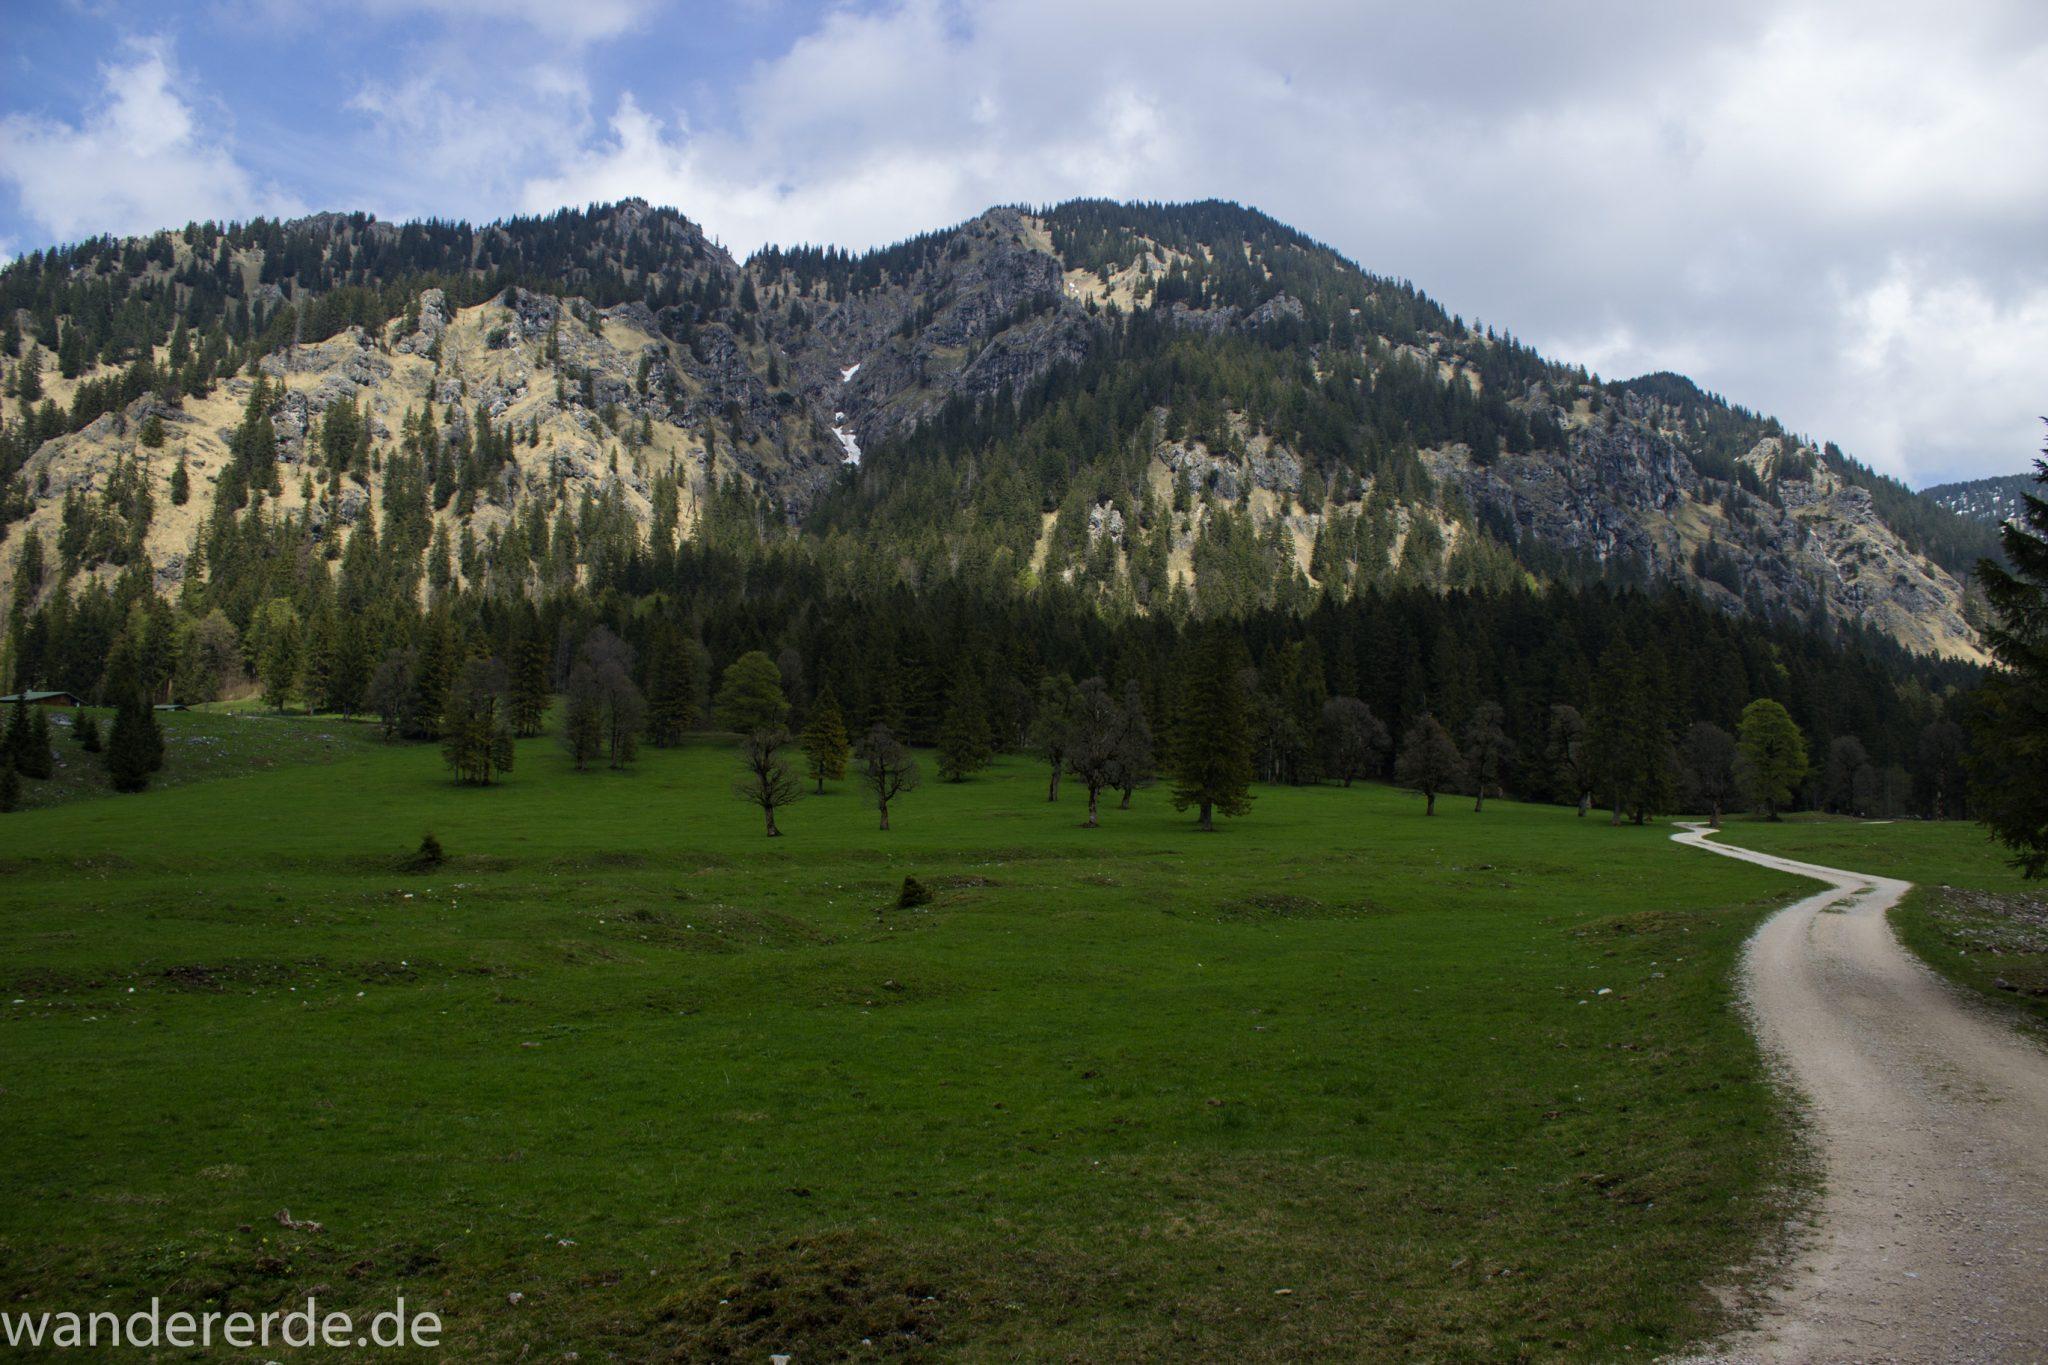 Wanderung zur Kenzenhütte in den Ammergauer Alpen, breiterer Kieselweg führt Richtung Berge, Frühjahr in den Alpen, dichter grüner Wald und saftige Wiesen